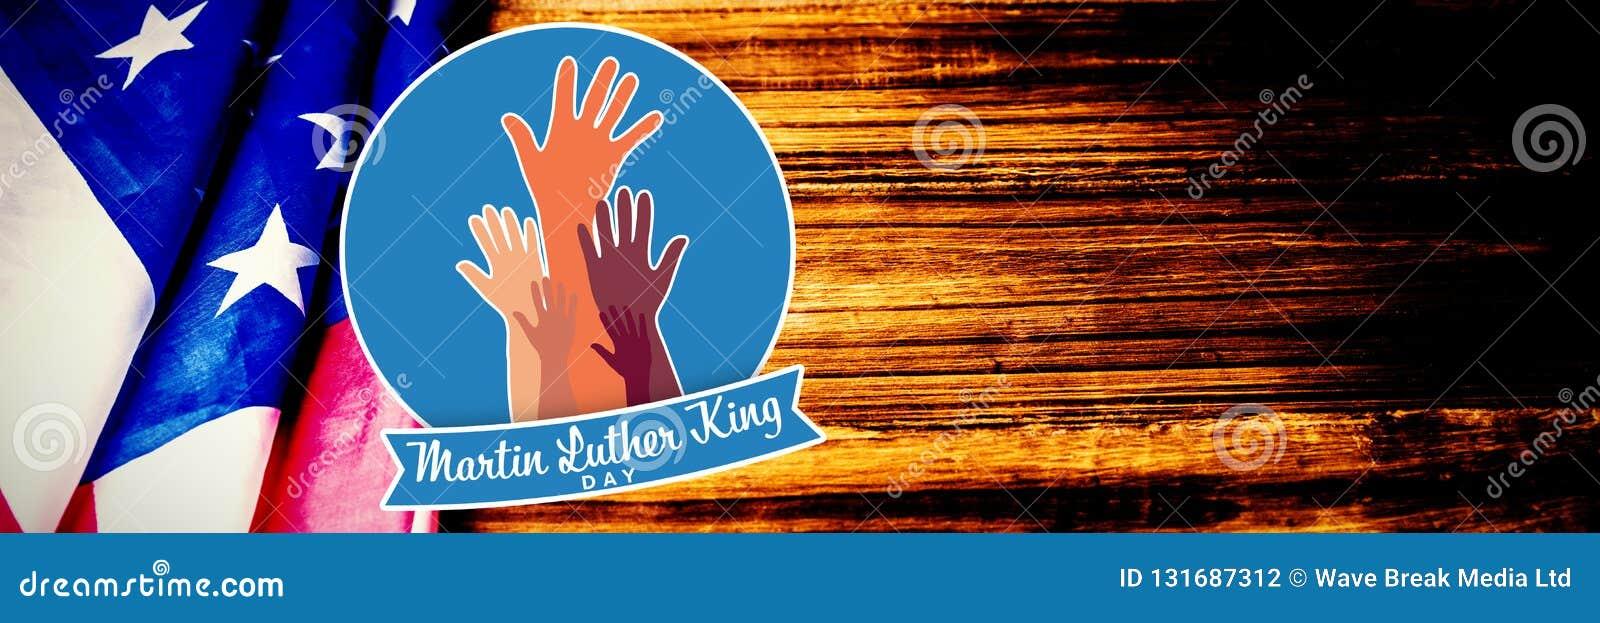 Samengesteld beeld van de koningsdag van Martin luther met handen